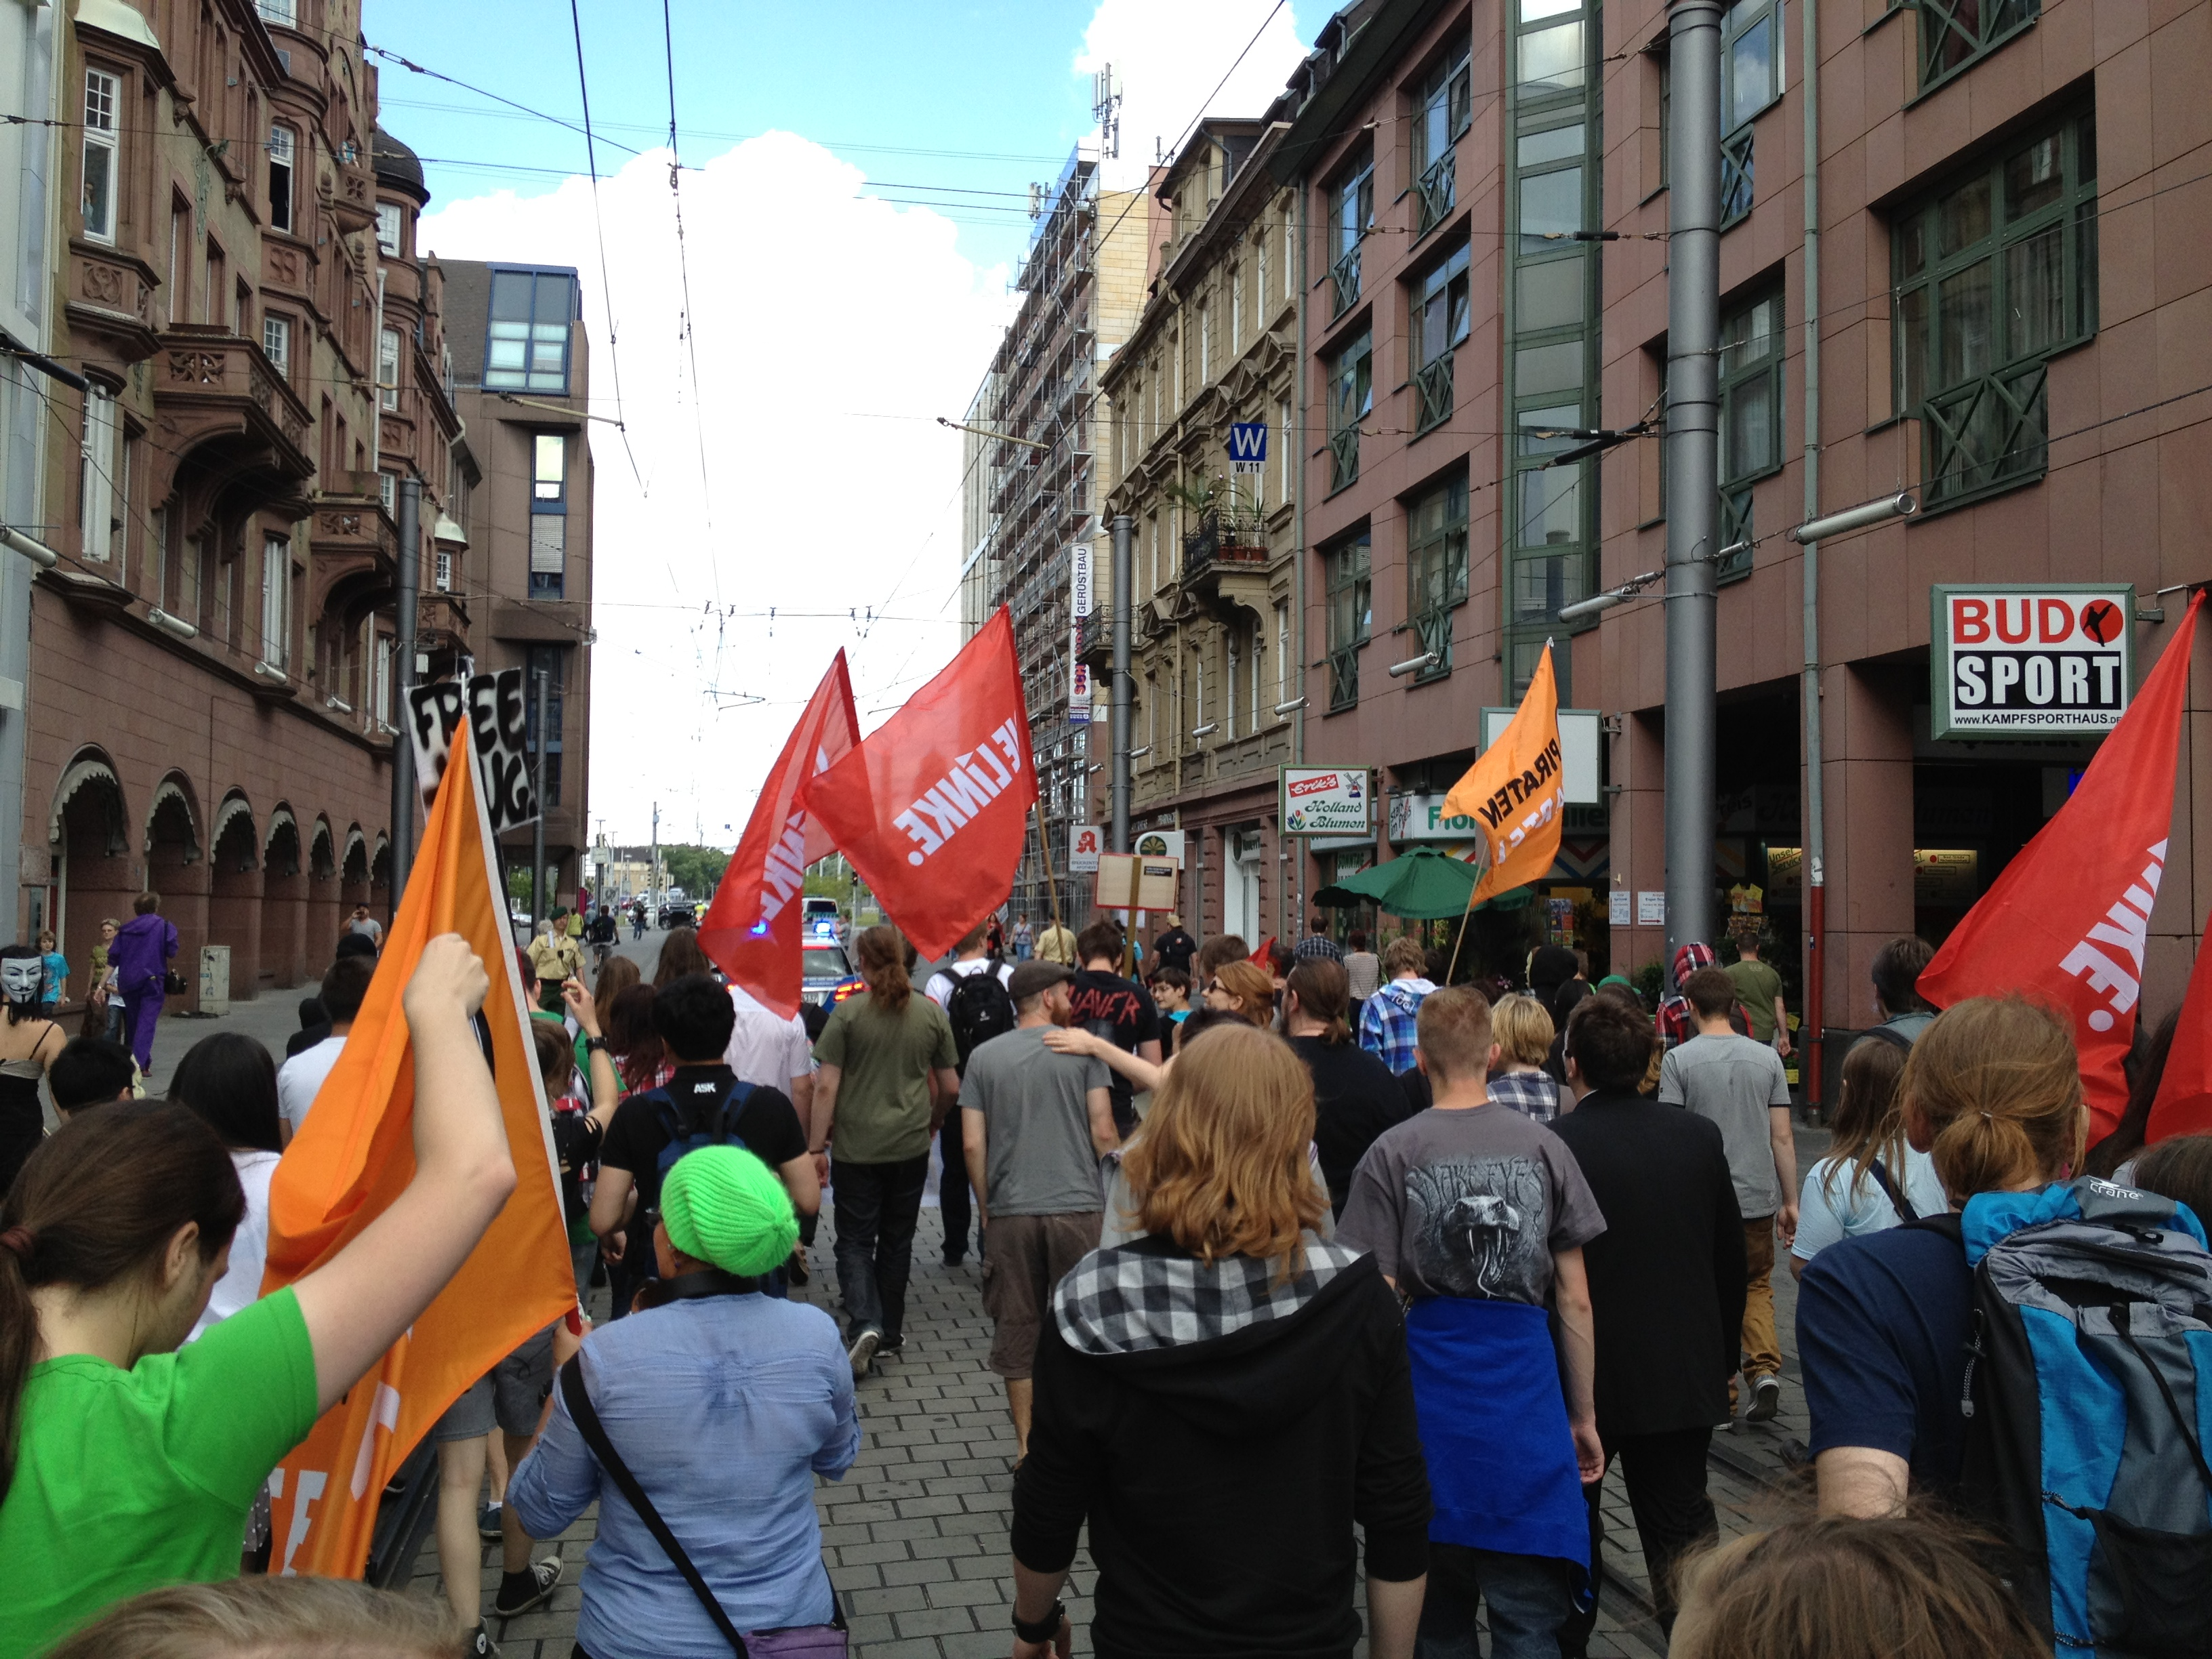 Demozug auf dem Weg zur Alten Feuerwache in Mannheim